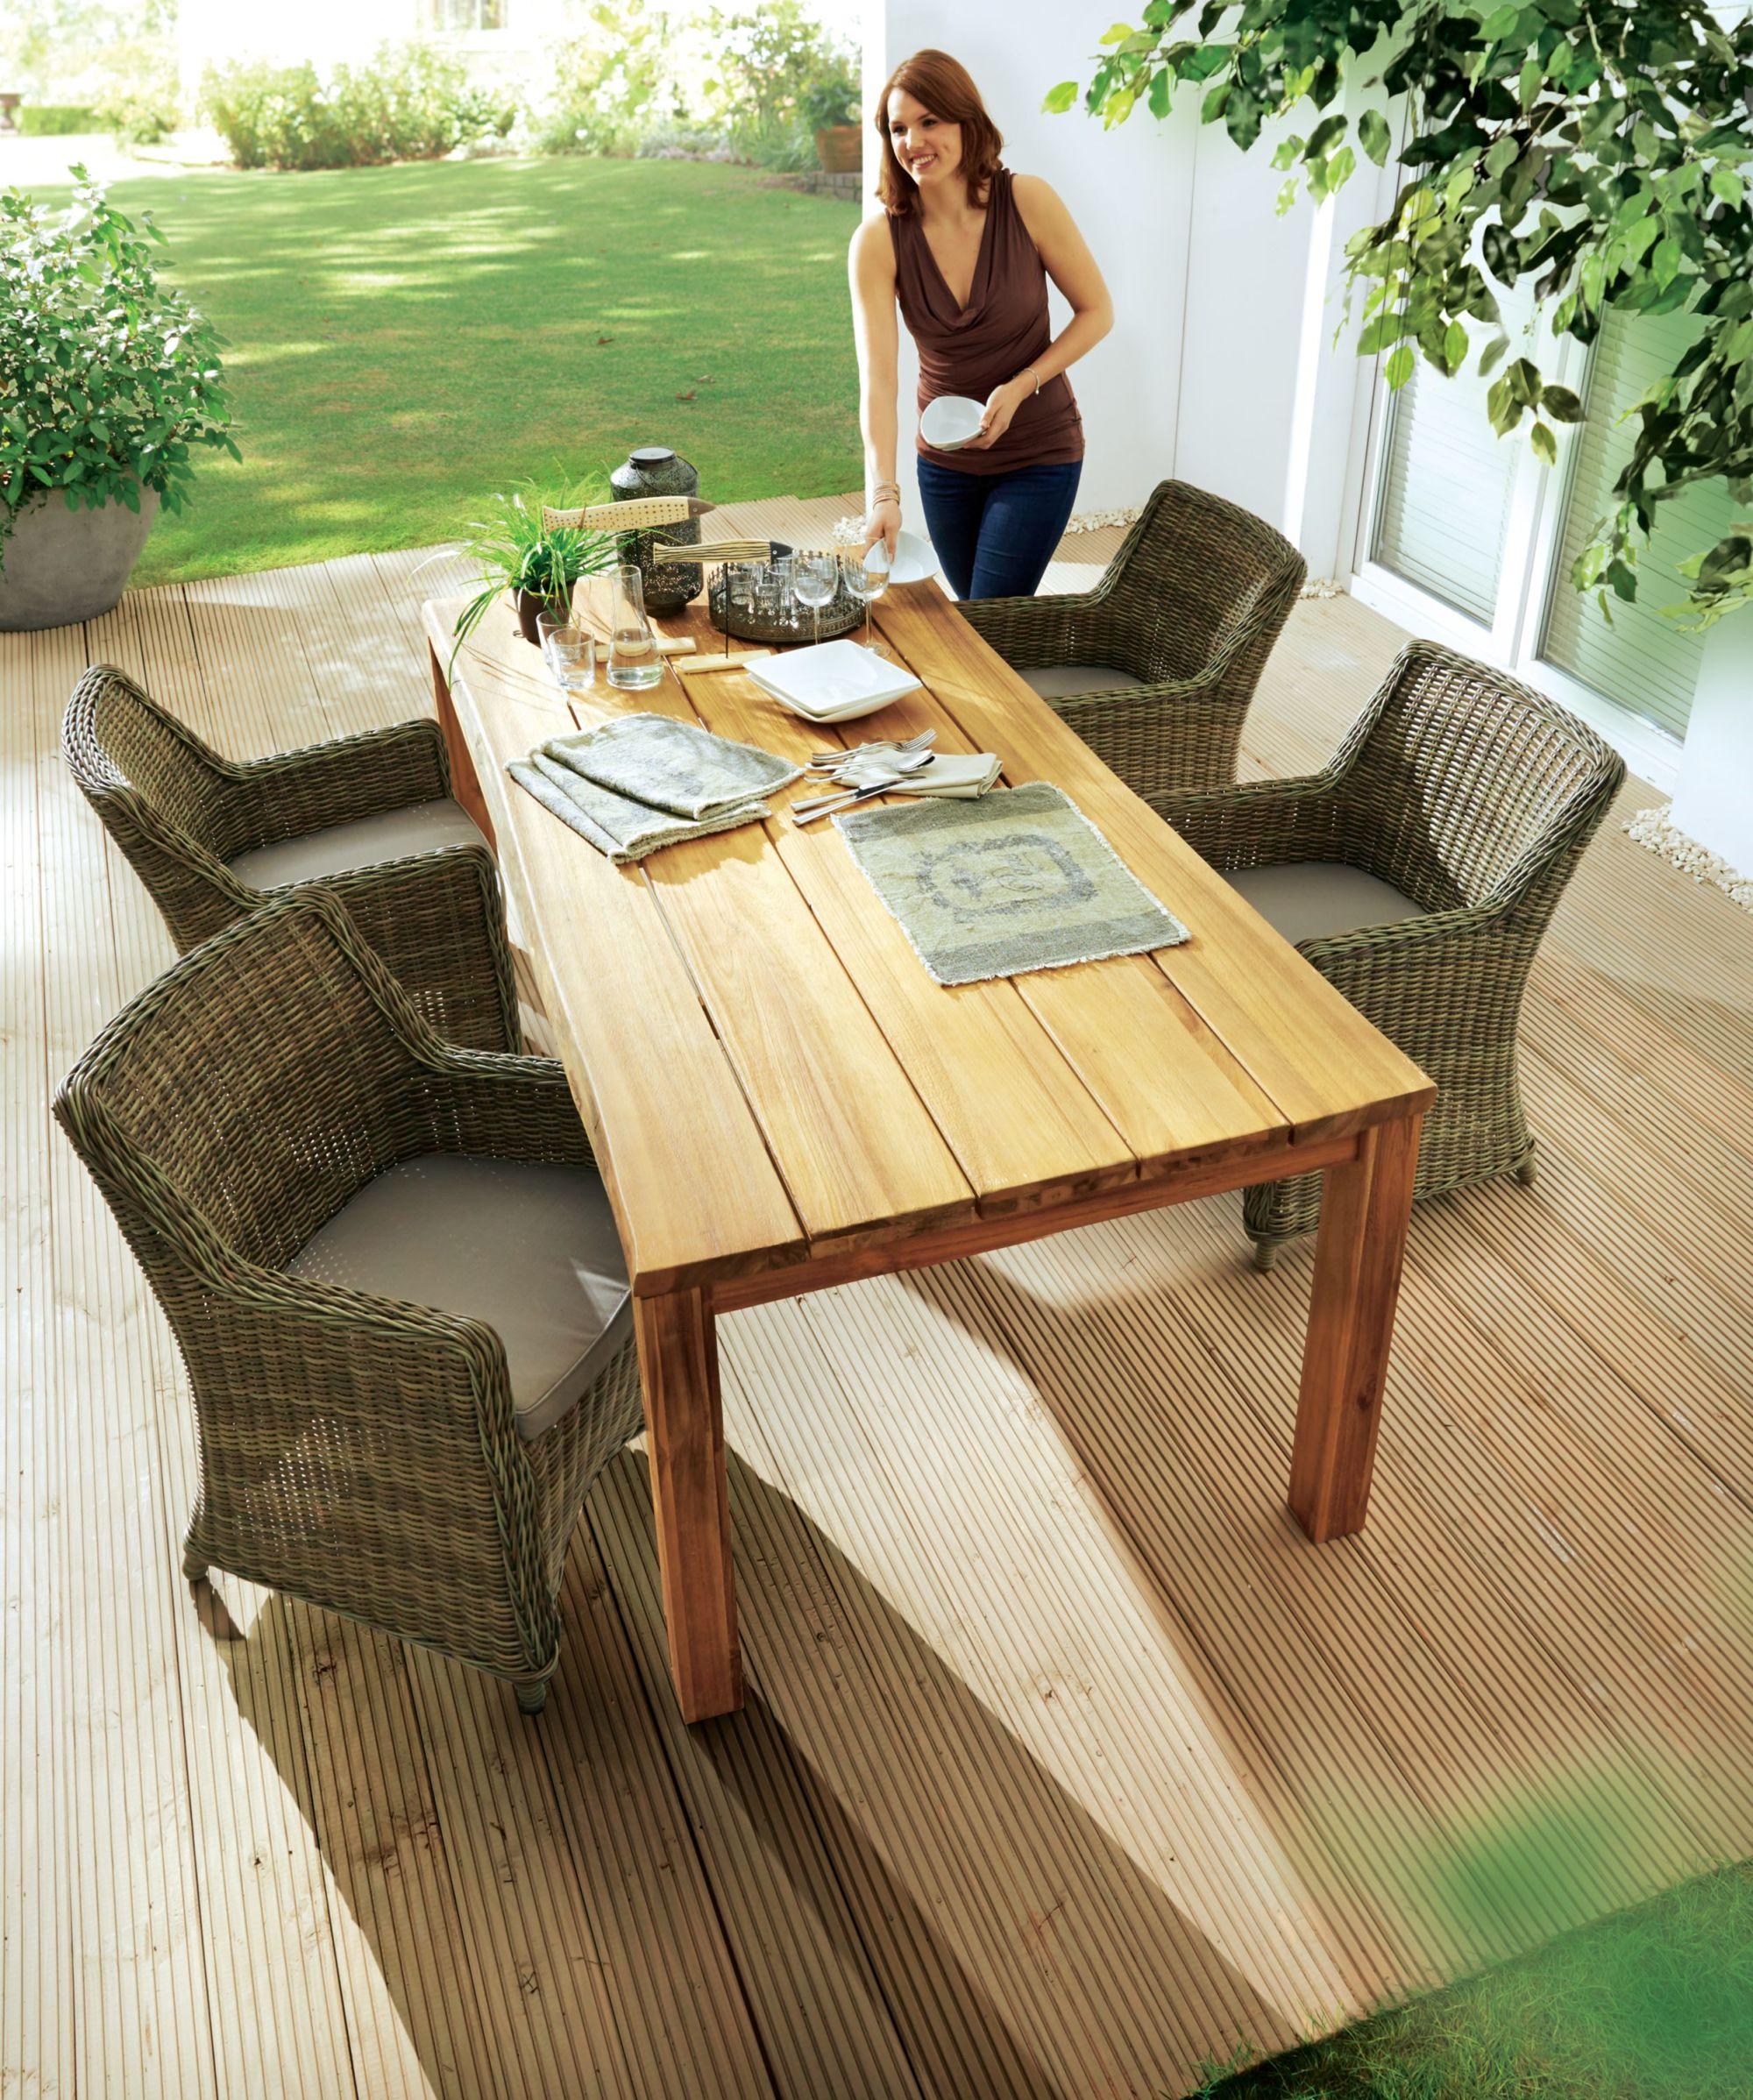 Gartentisch rechteckig holz affordable cheap gartentisch klappbar gartentisch stahl klappbar - Lidl gartentisch ...